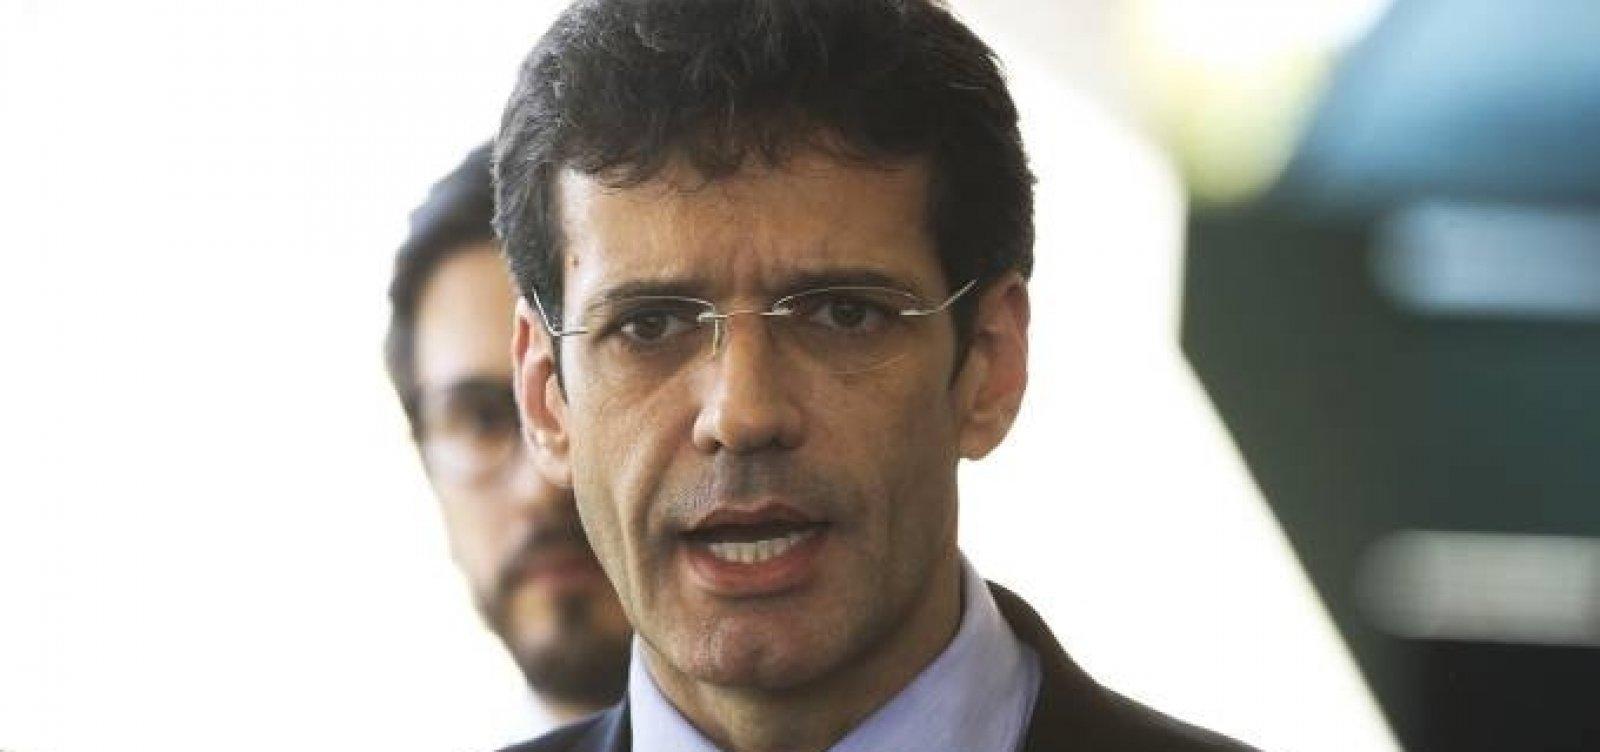 Coaf aponta operações bancárias suspeitas de R$ 1,96 mi do ministro do Turismo